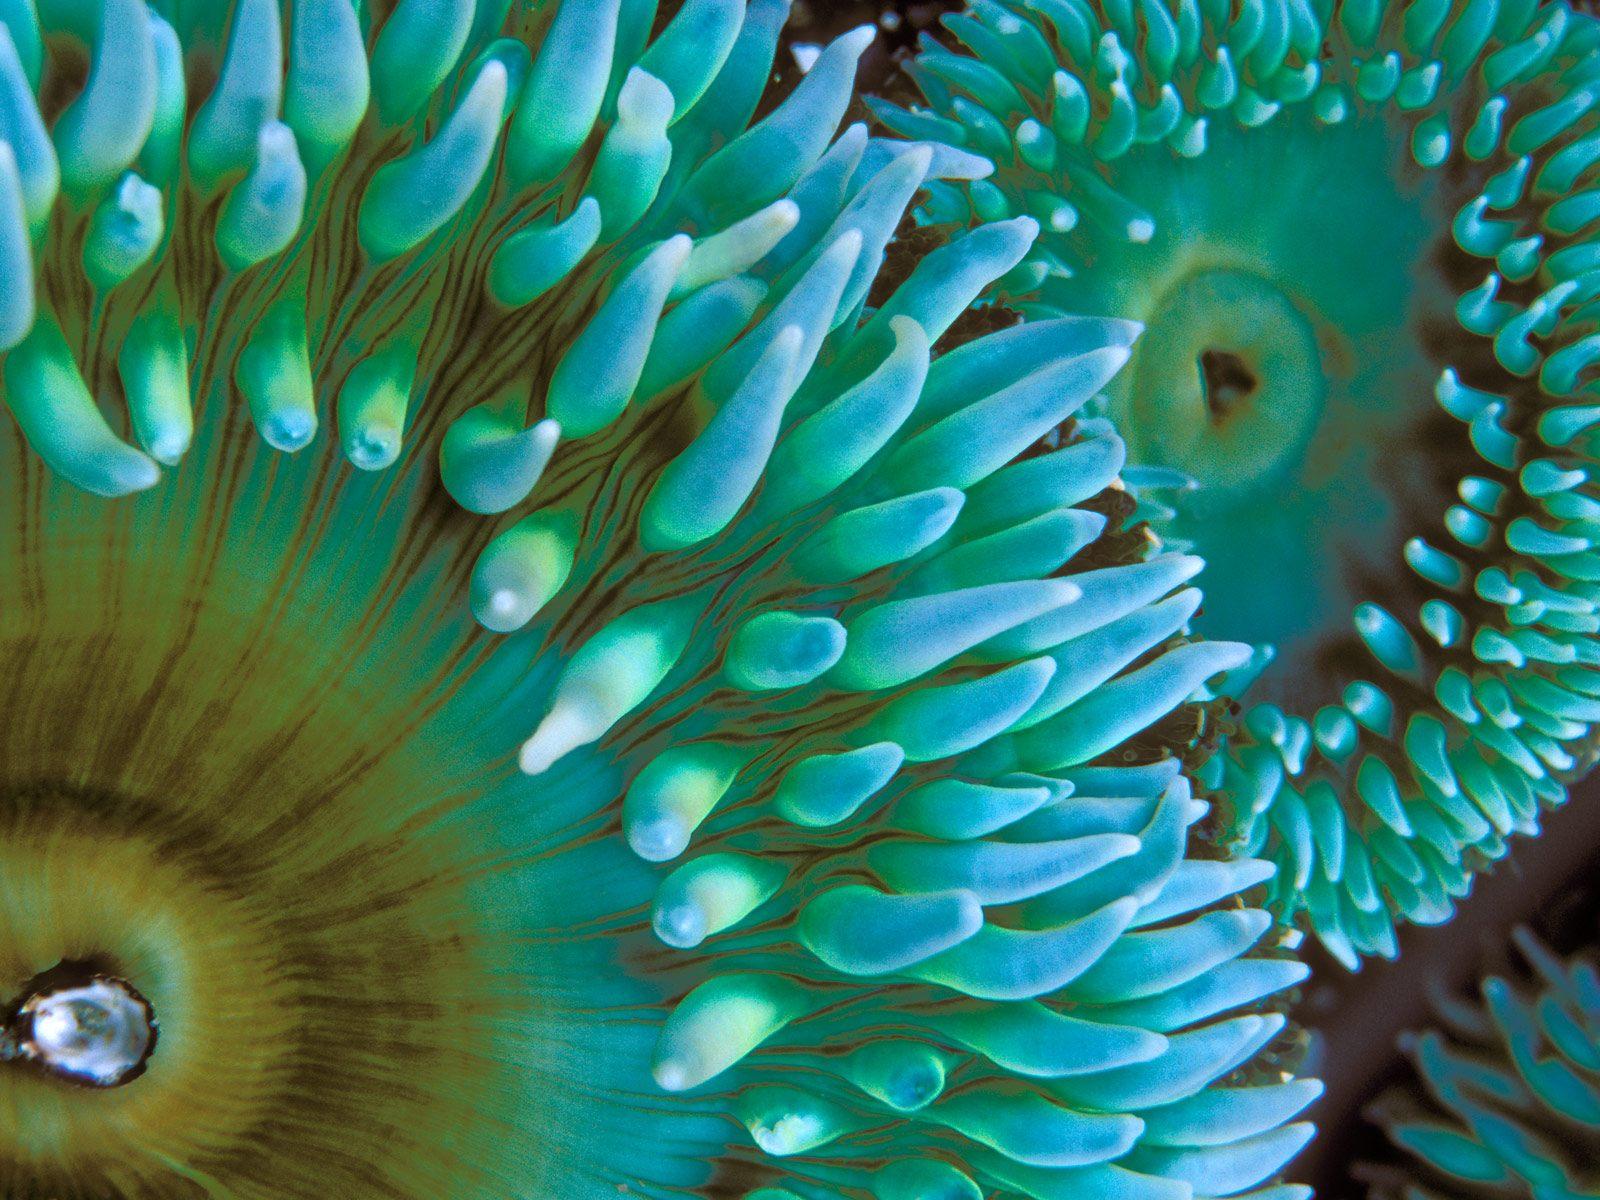 sea anemone computer wallpaper 26027